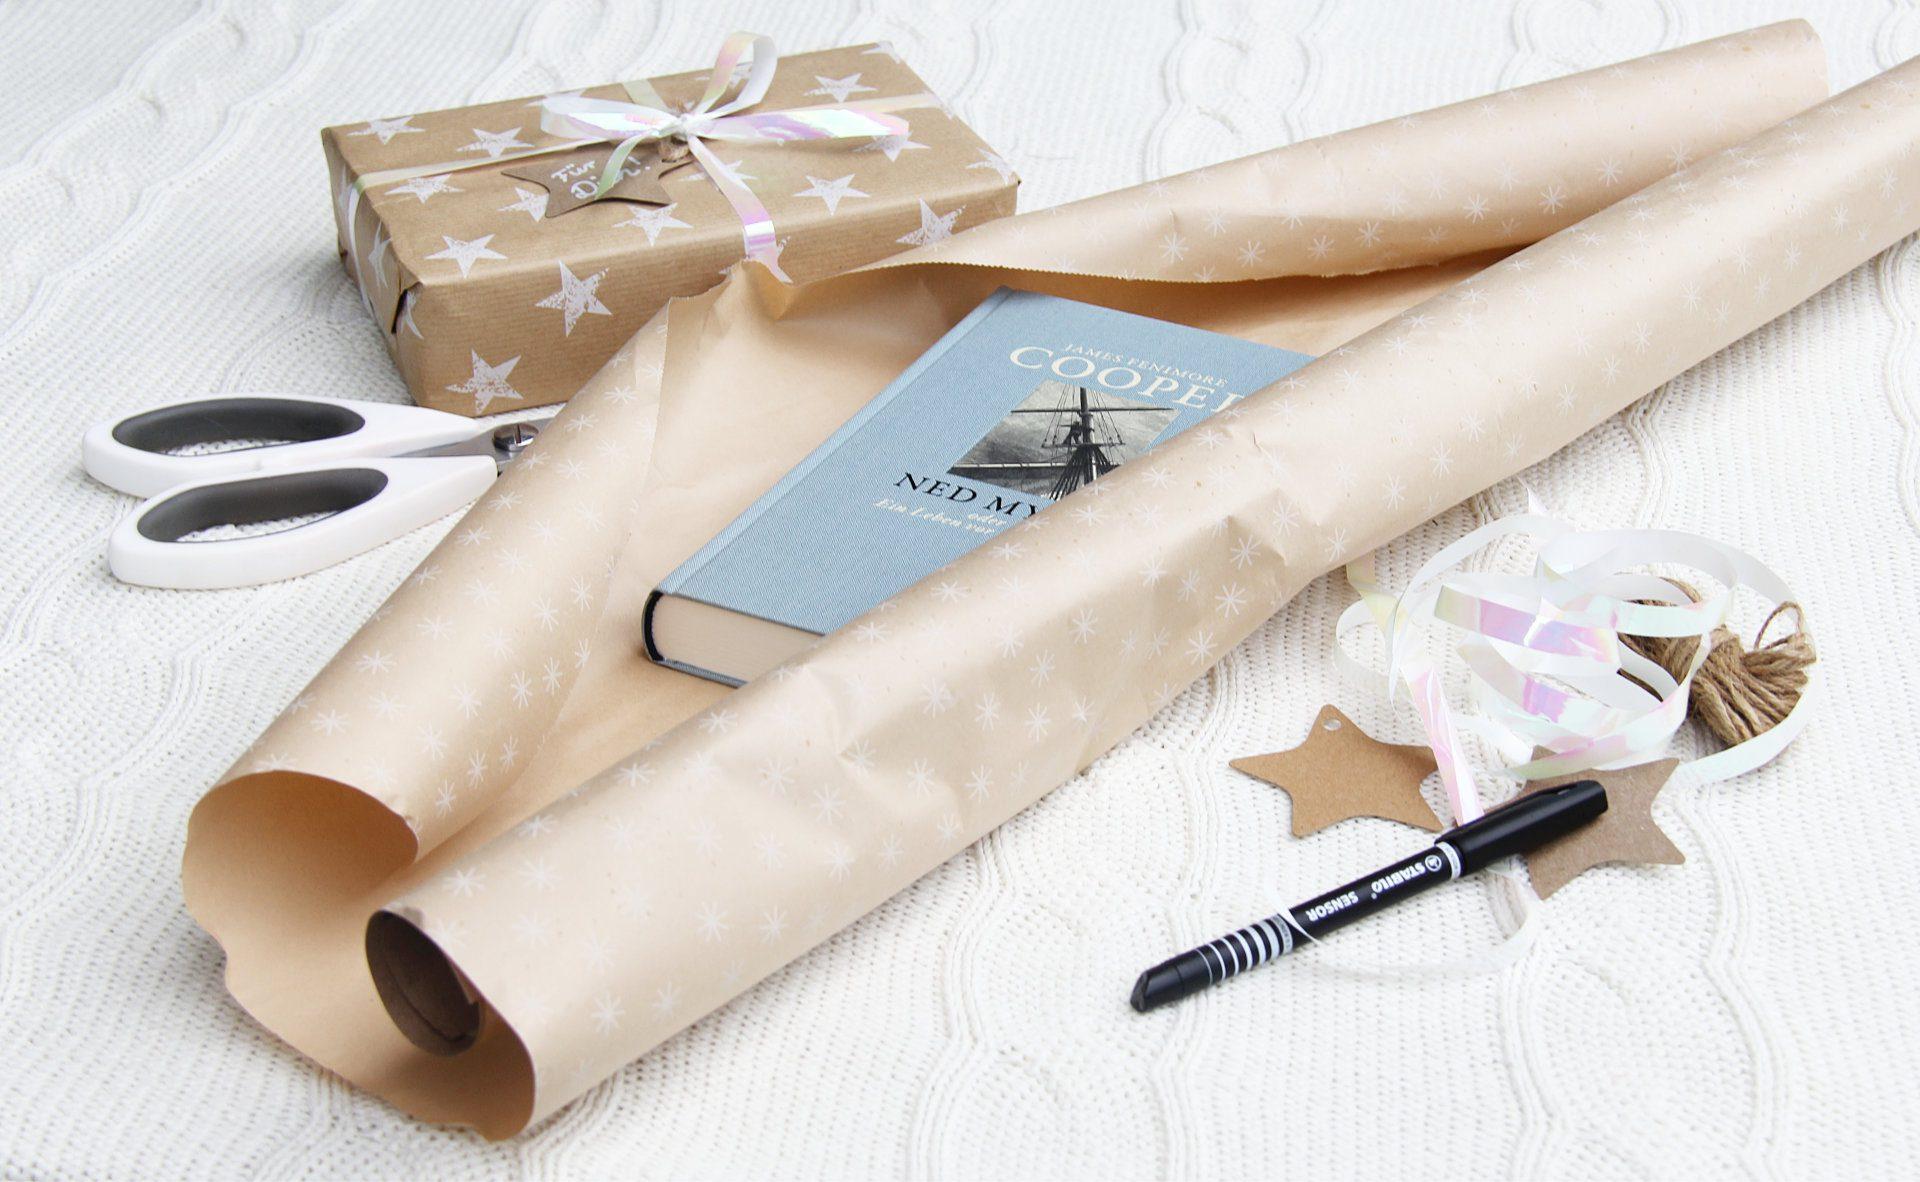 12 ausgefallene Geschenkideen für Buchliebhaber und Vielleser